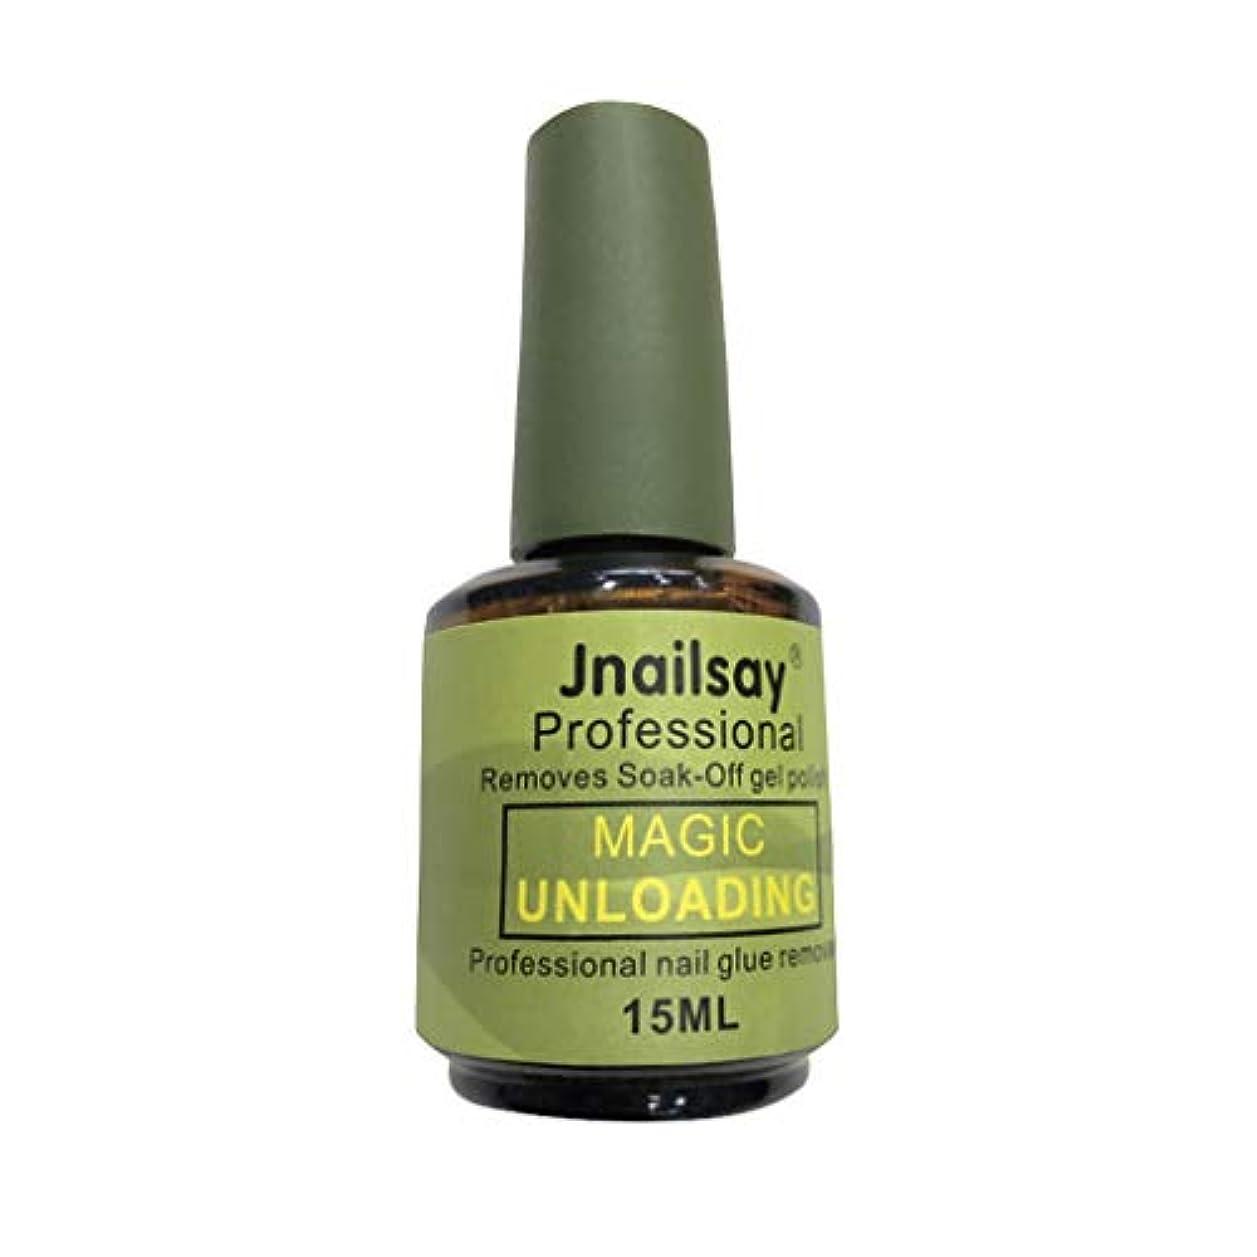 後方浸した貸し手ネイル用品 Jnailsay 15ml速い破裂の装甲接着剤1分の荷を下す操作は釘を傷つけないで簡単で便利です (多色)